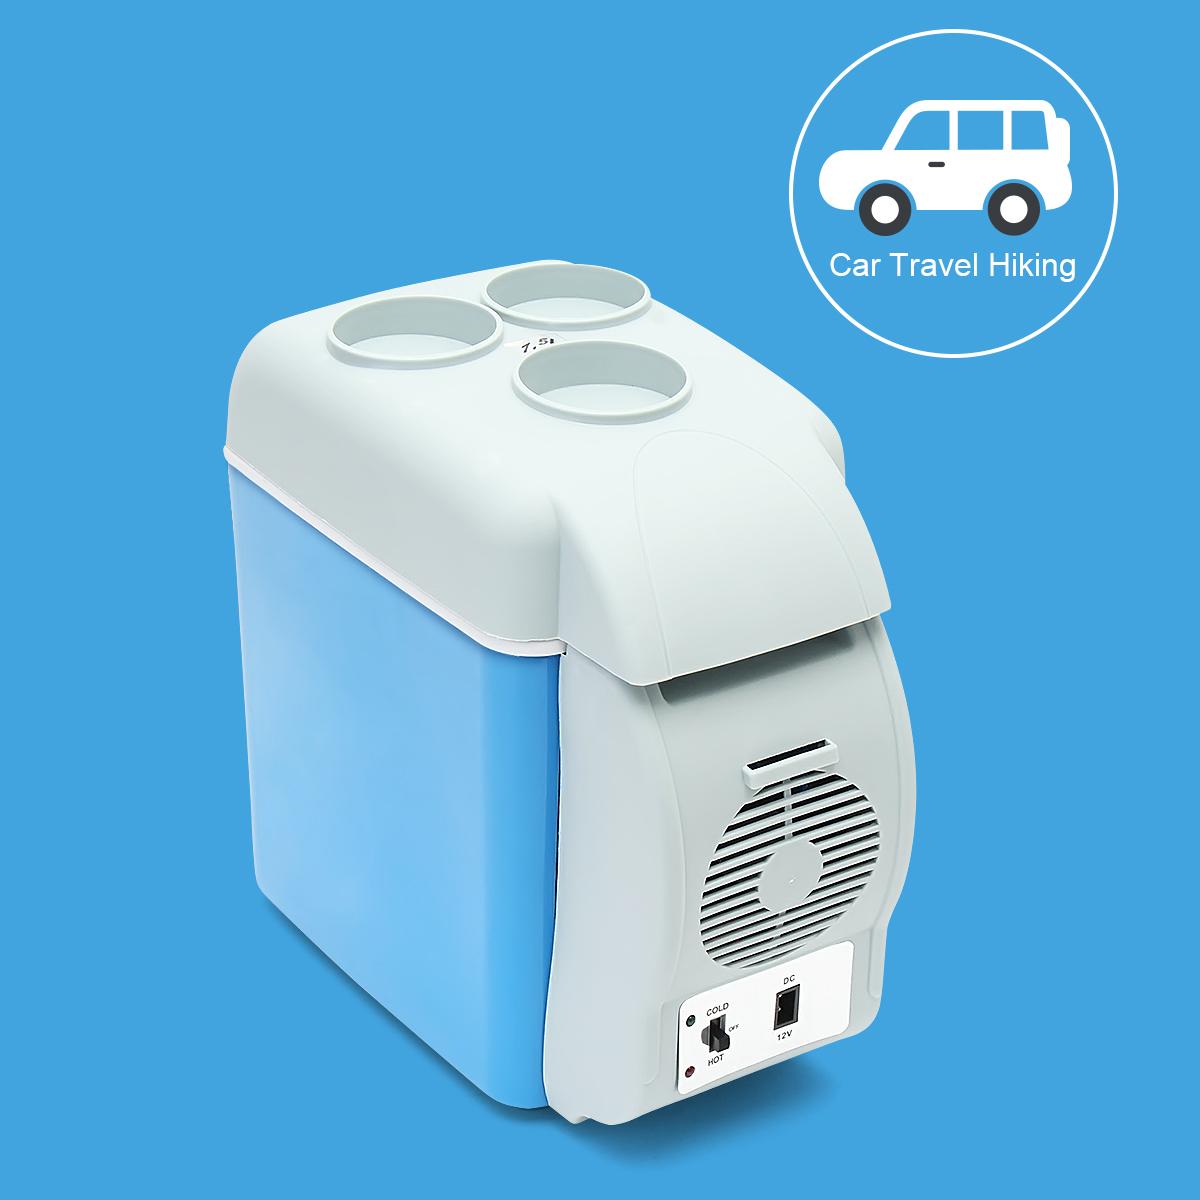 Portable Mini Car Fridge Freezer Cooler / Warmer 12V Portable Fridge Refrigerator 7.5L 33